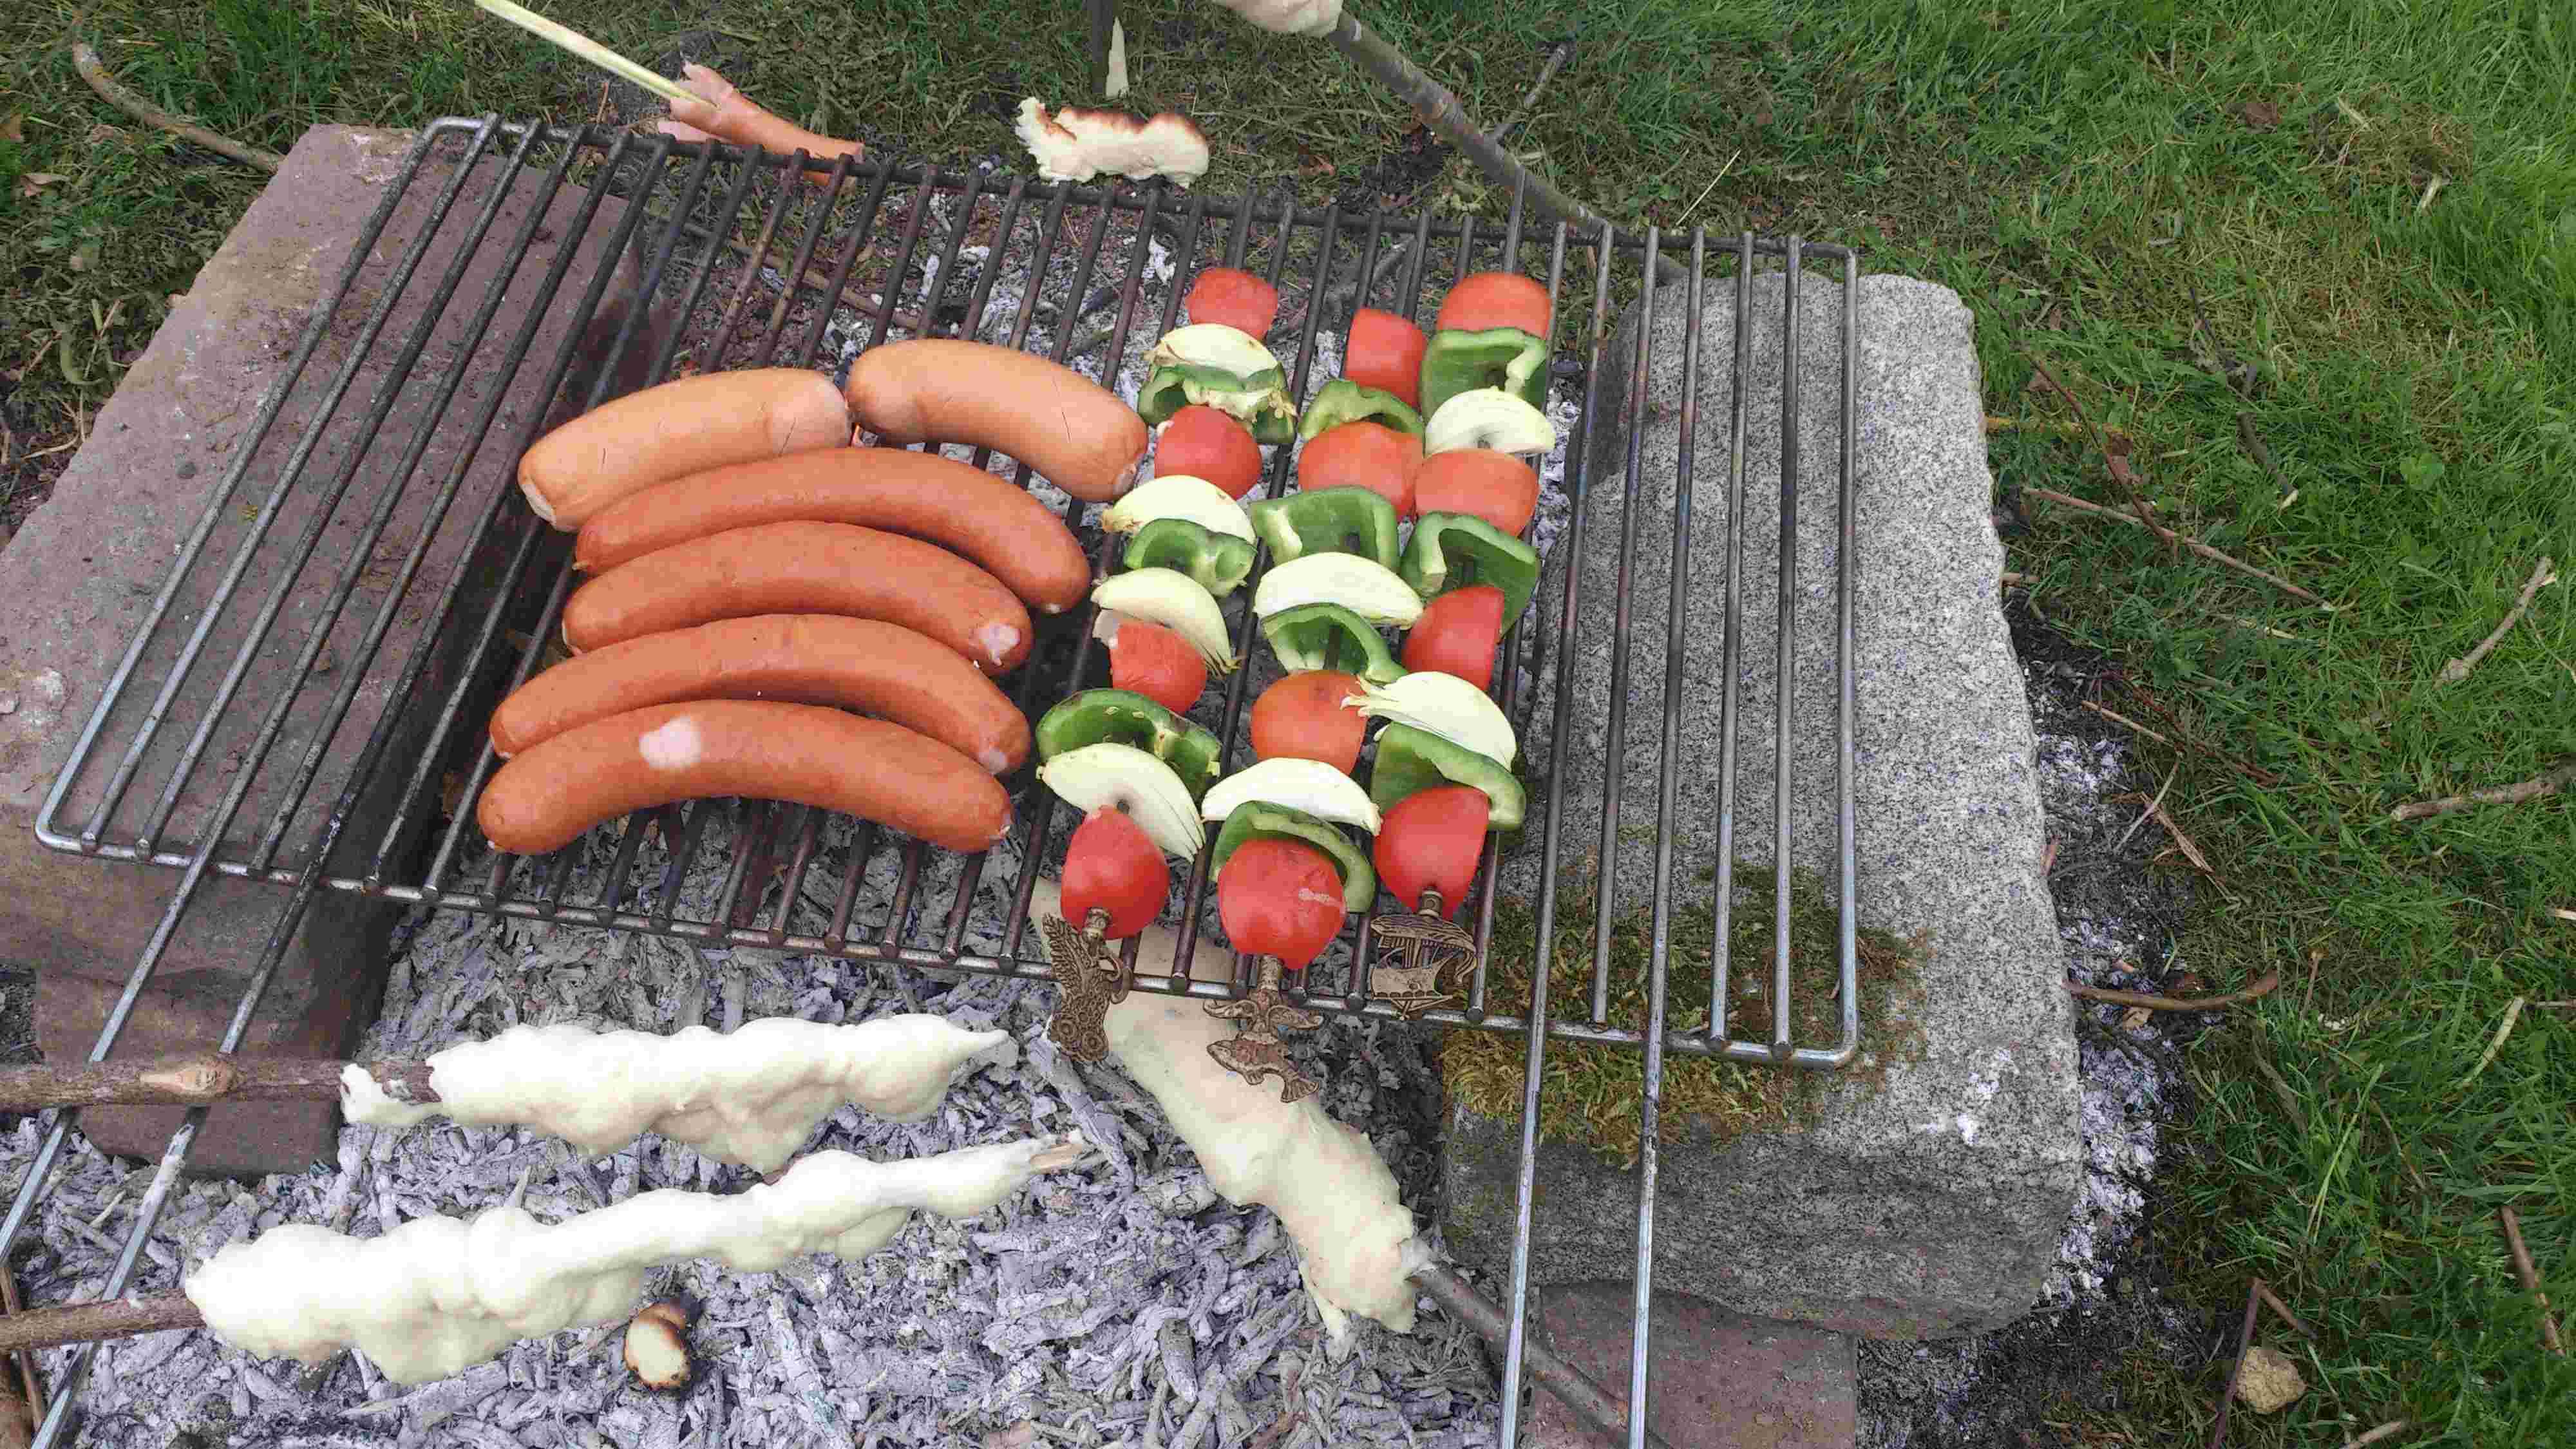 Aldi Gasgrill Forum : Grill barbecue thread seite 22 computerbase forum